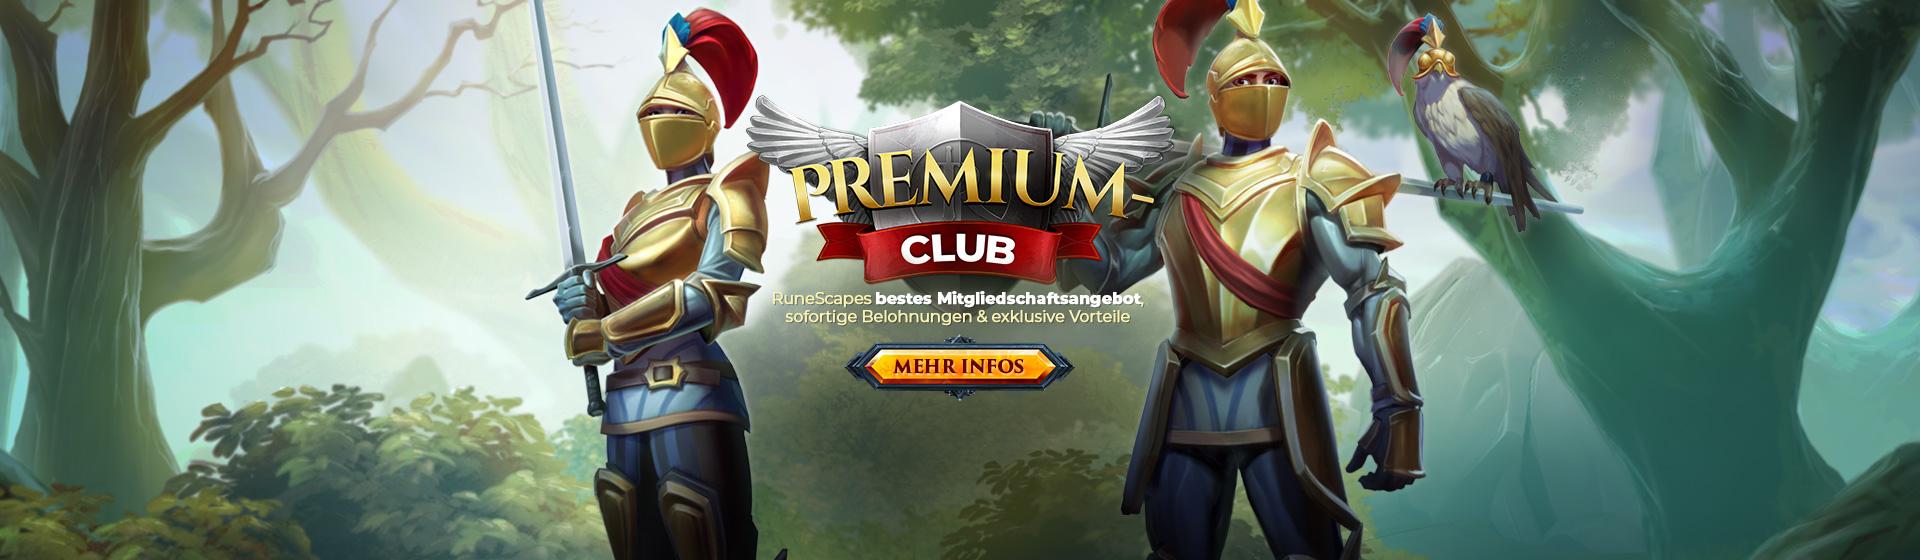 Premium-Club 2020